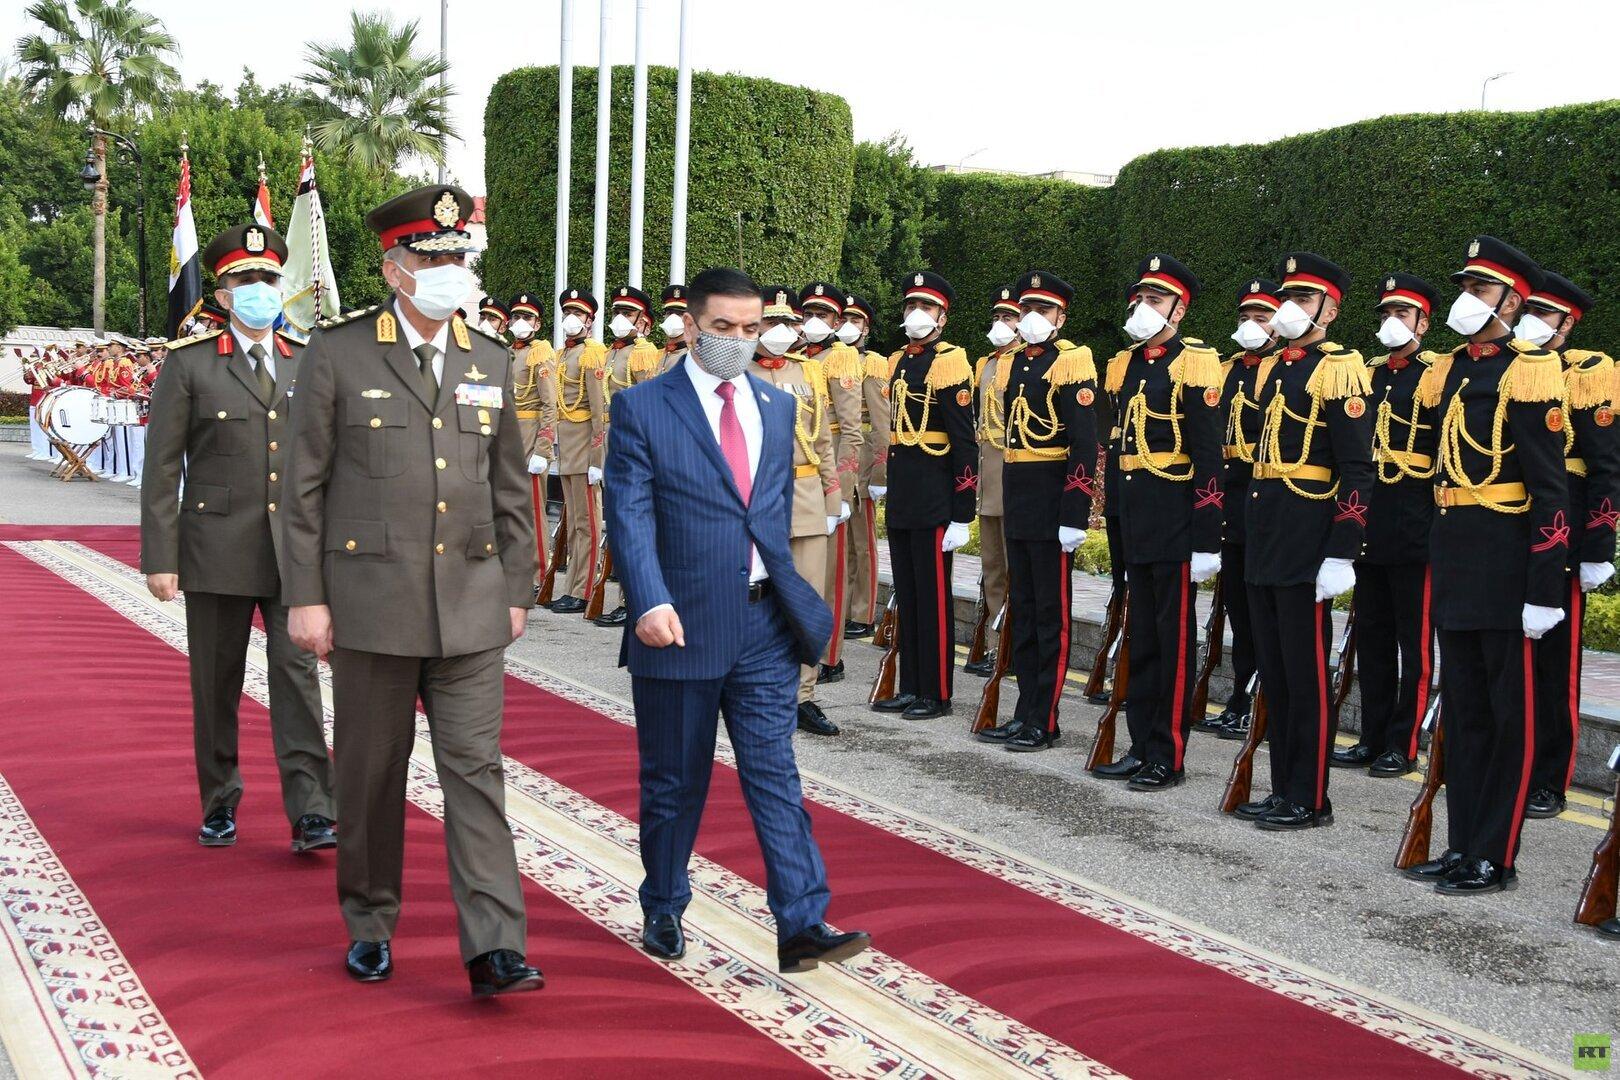 العراق يبدي رغبته في زيادة التعاون العسكري مع مصر ويشيد بـ